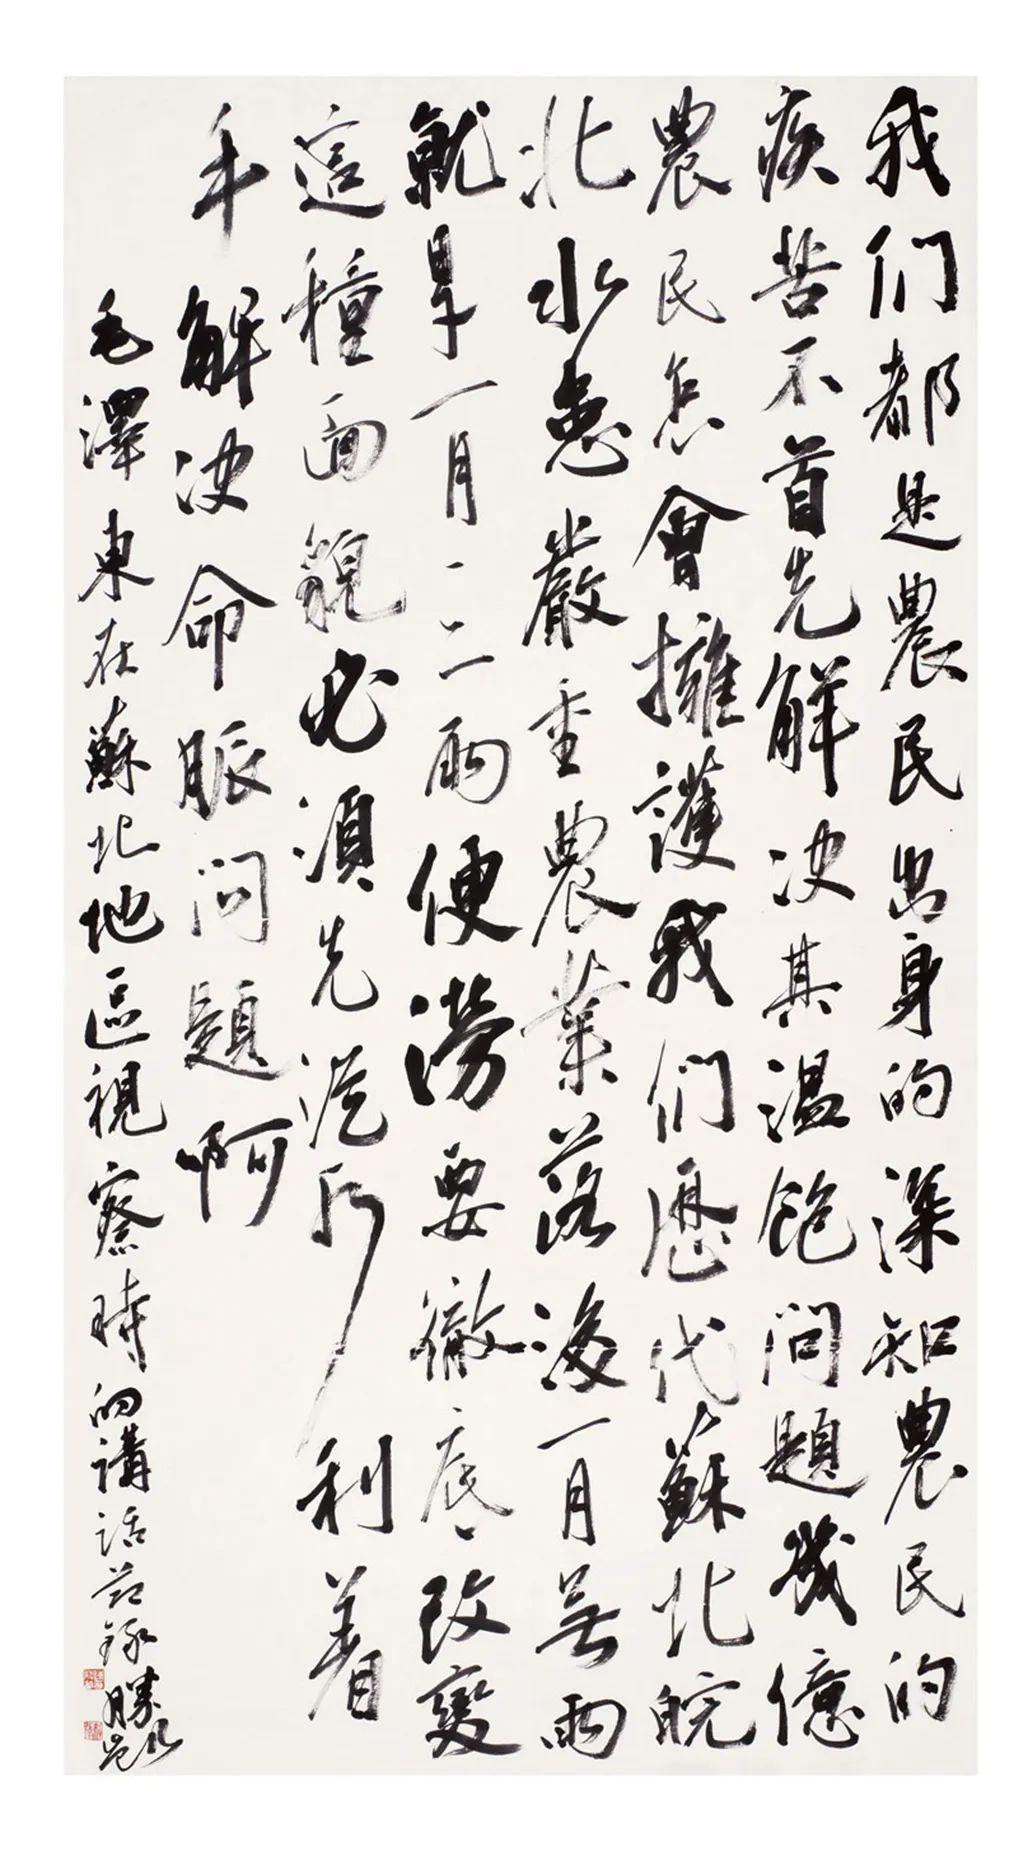 中国力量——全国扶贫书法大展作品 | 第一篇章 :人民至上(图14)